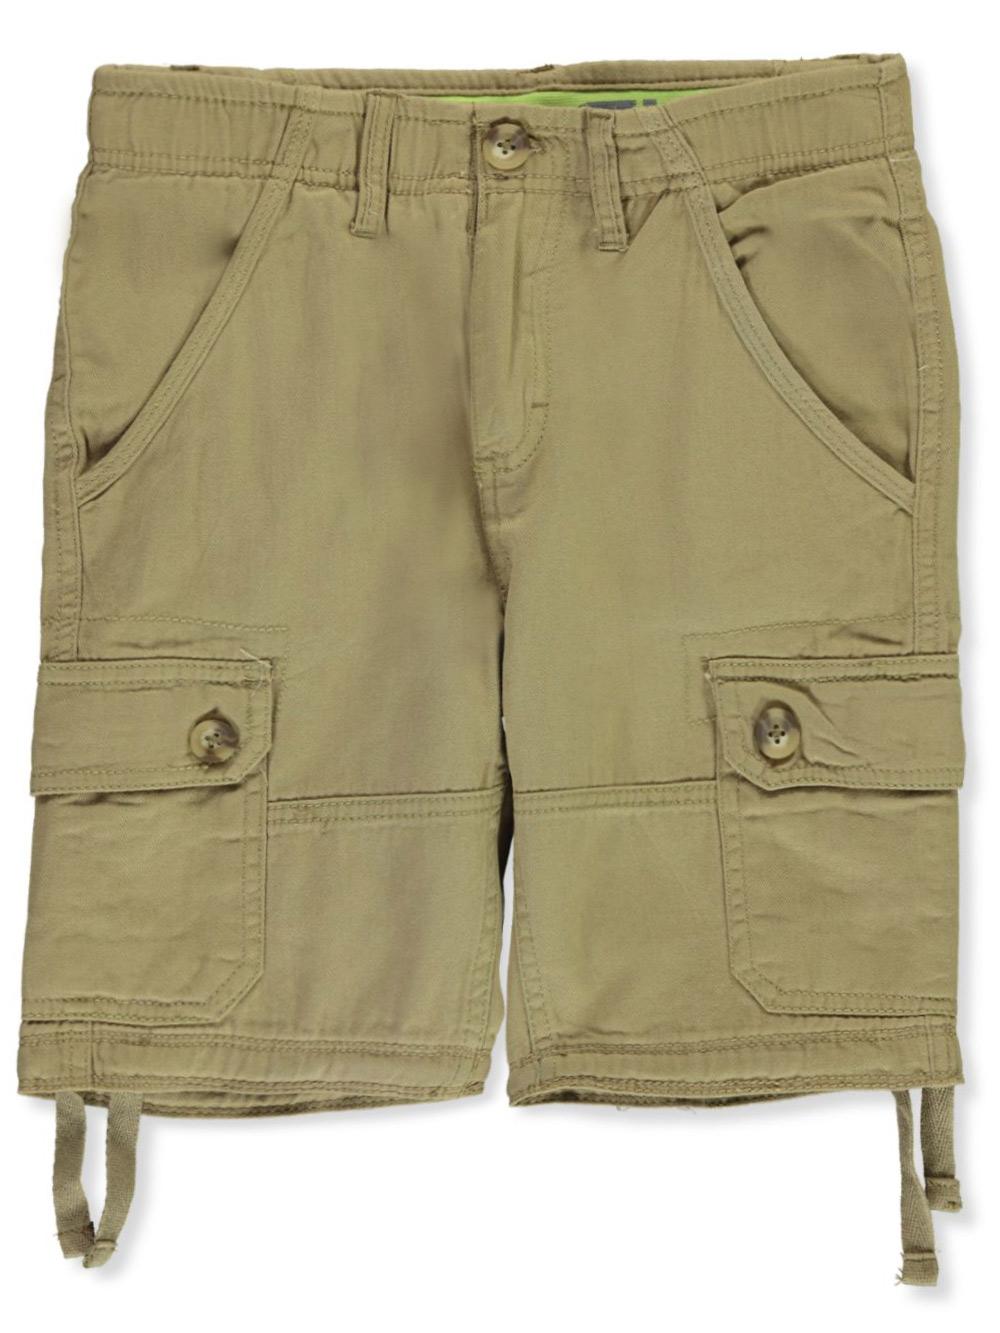 Co The Original J.A.C.H.S Painted Denim Shorts